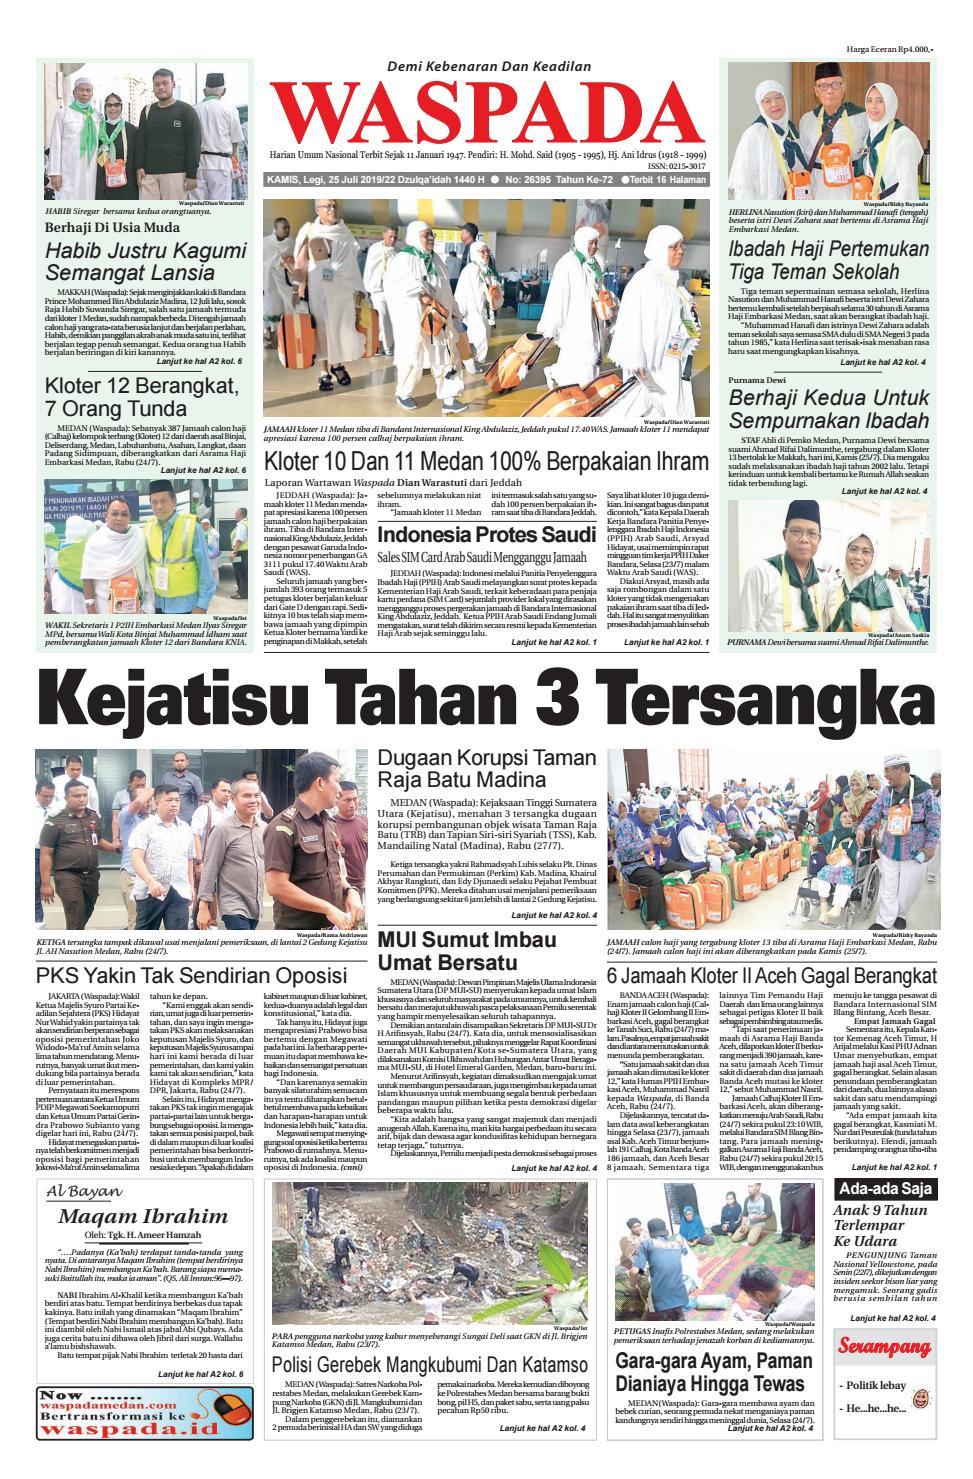 Waspada, Kamis 25 Juli 2019 by Harian Waspada - issuu